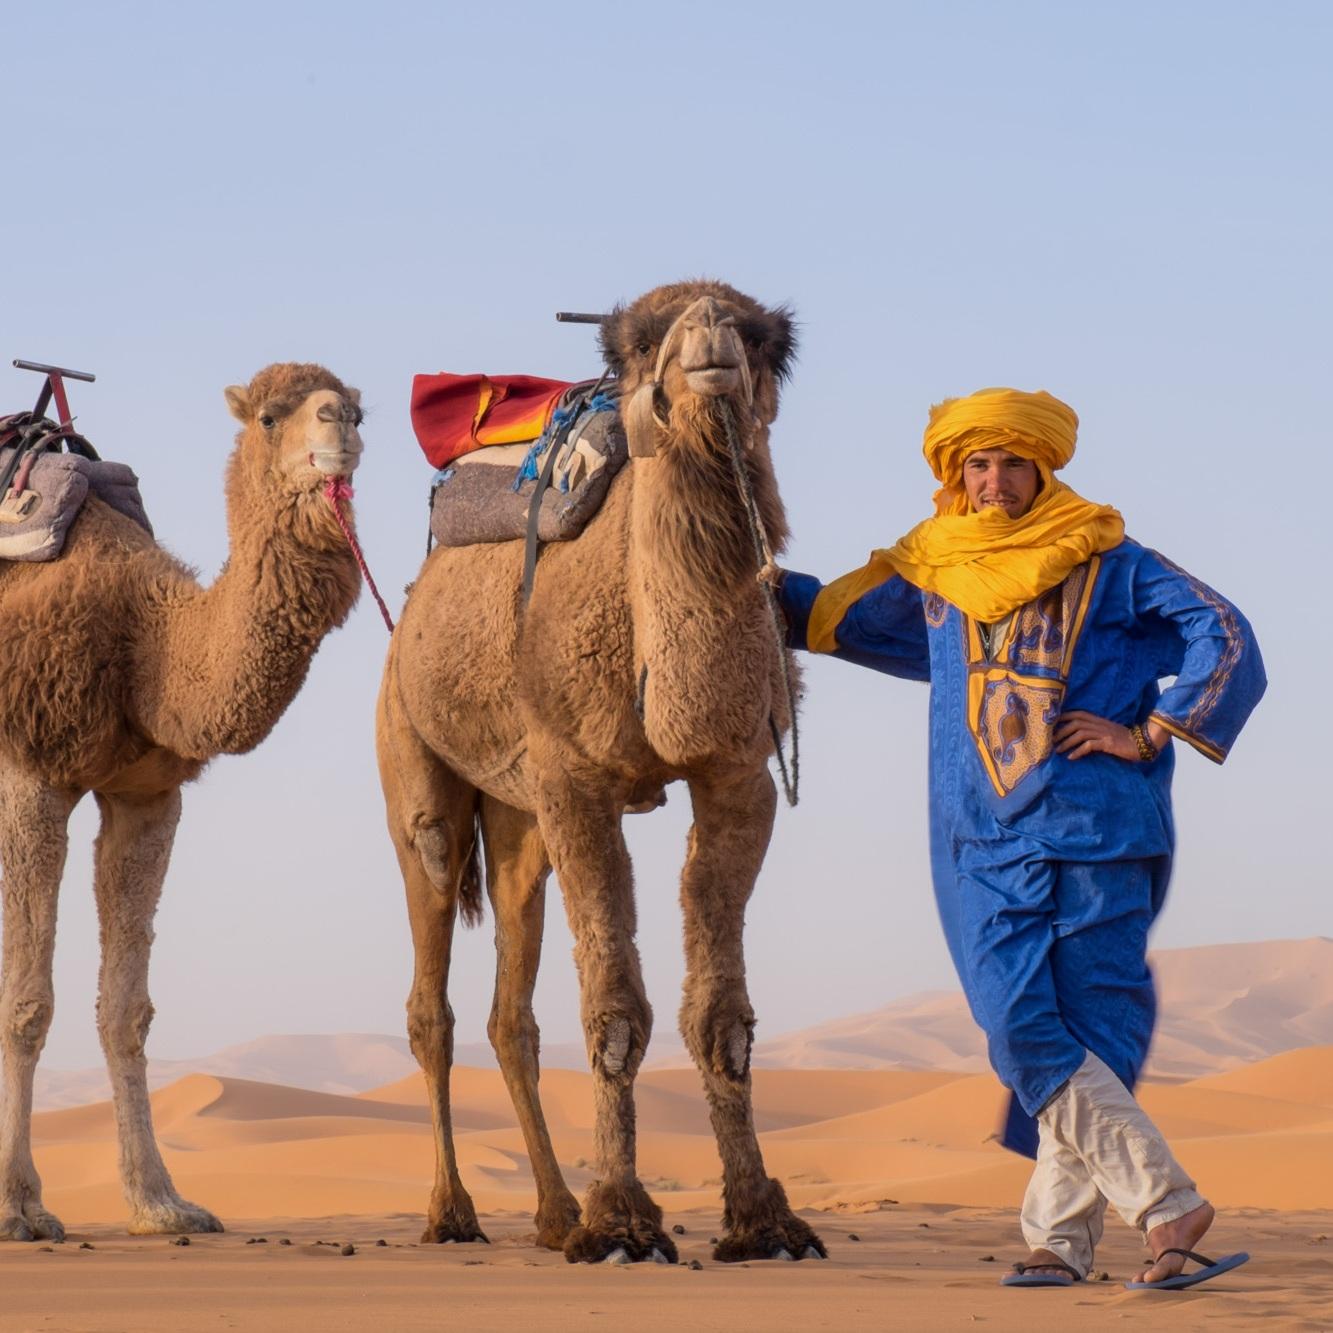 morroco-desert-camels-guide-2017-03-22.jpg